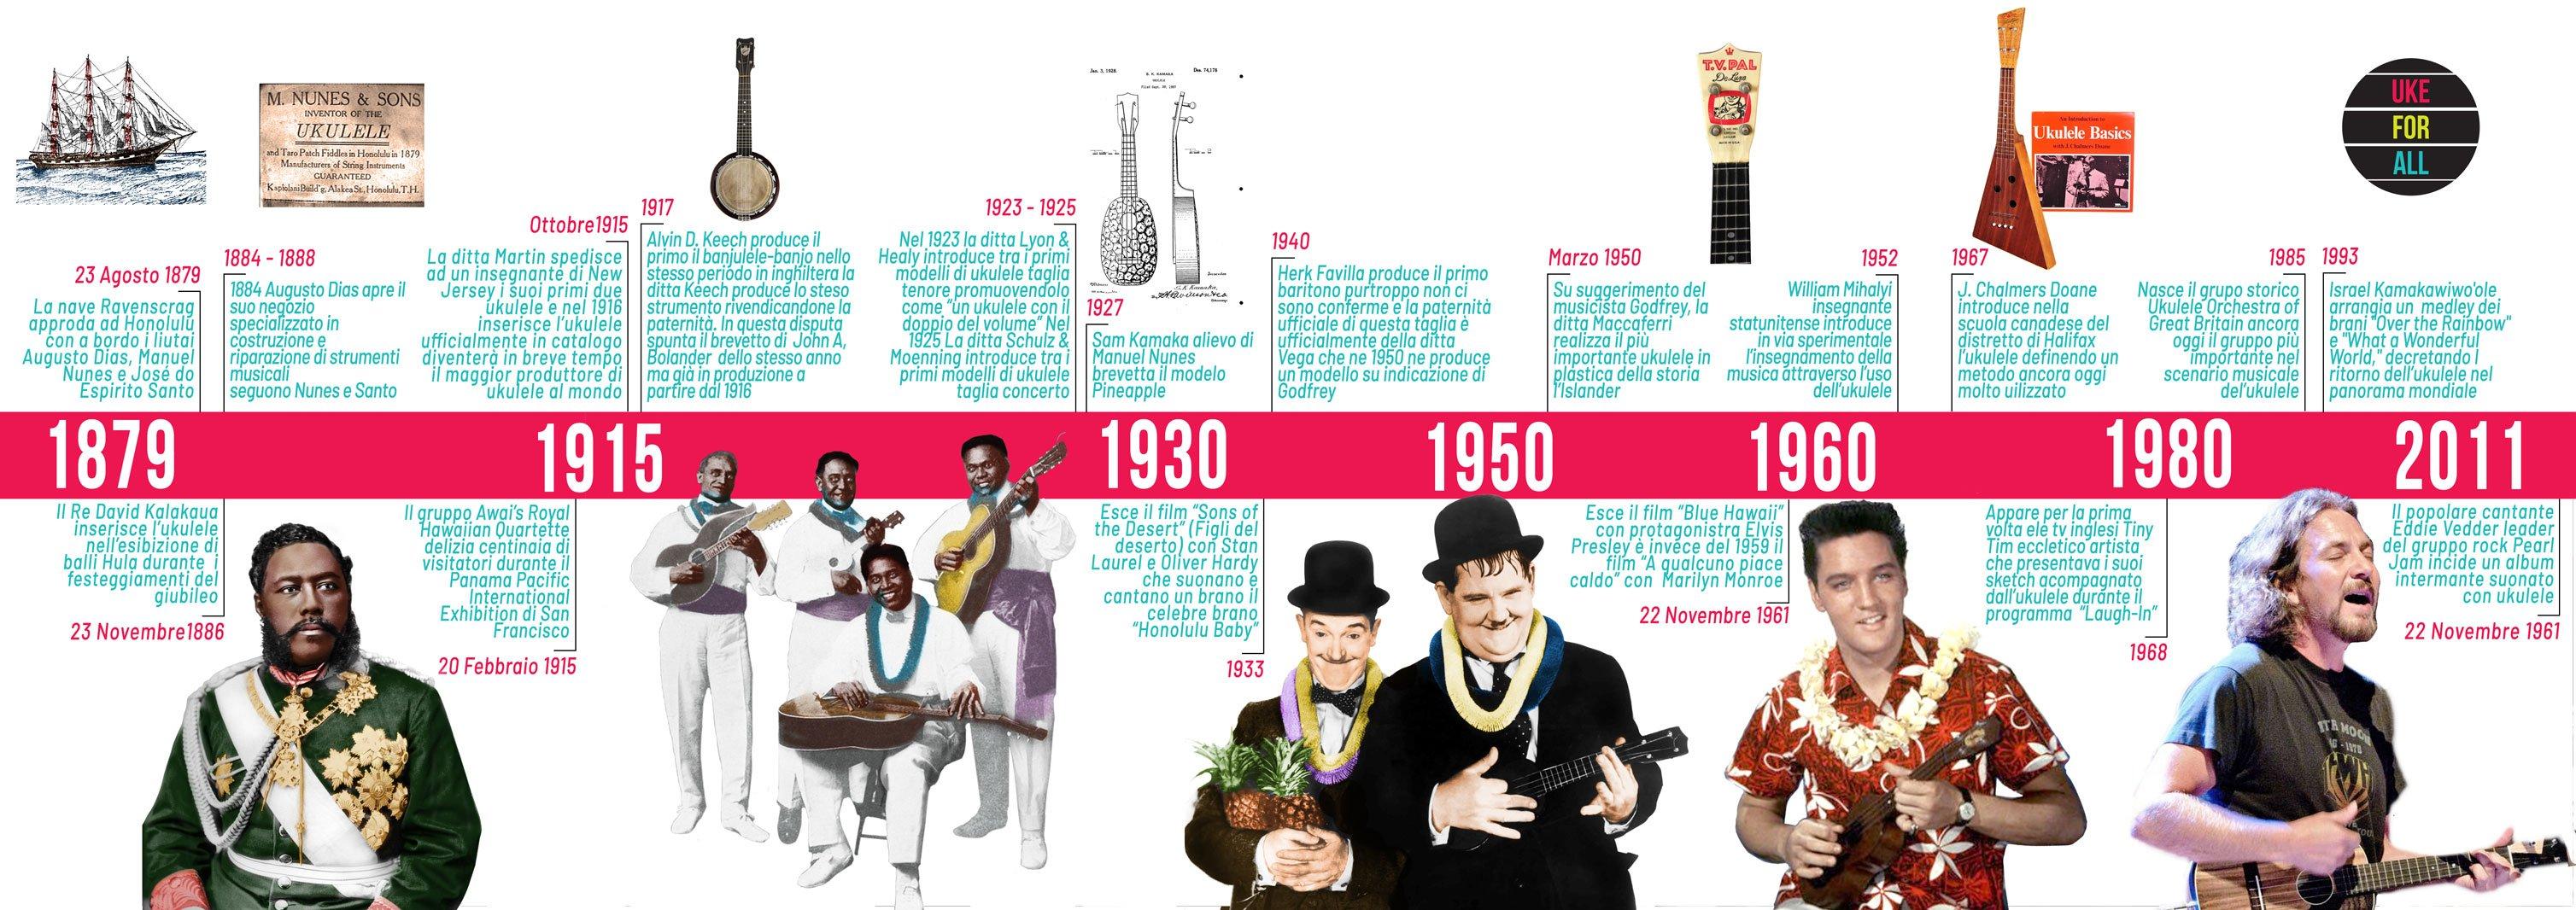 Timeline storia dell'ukulele